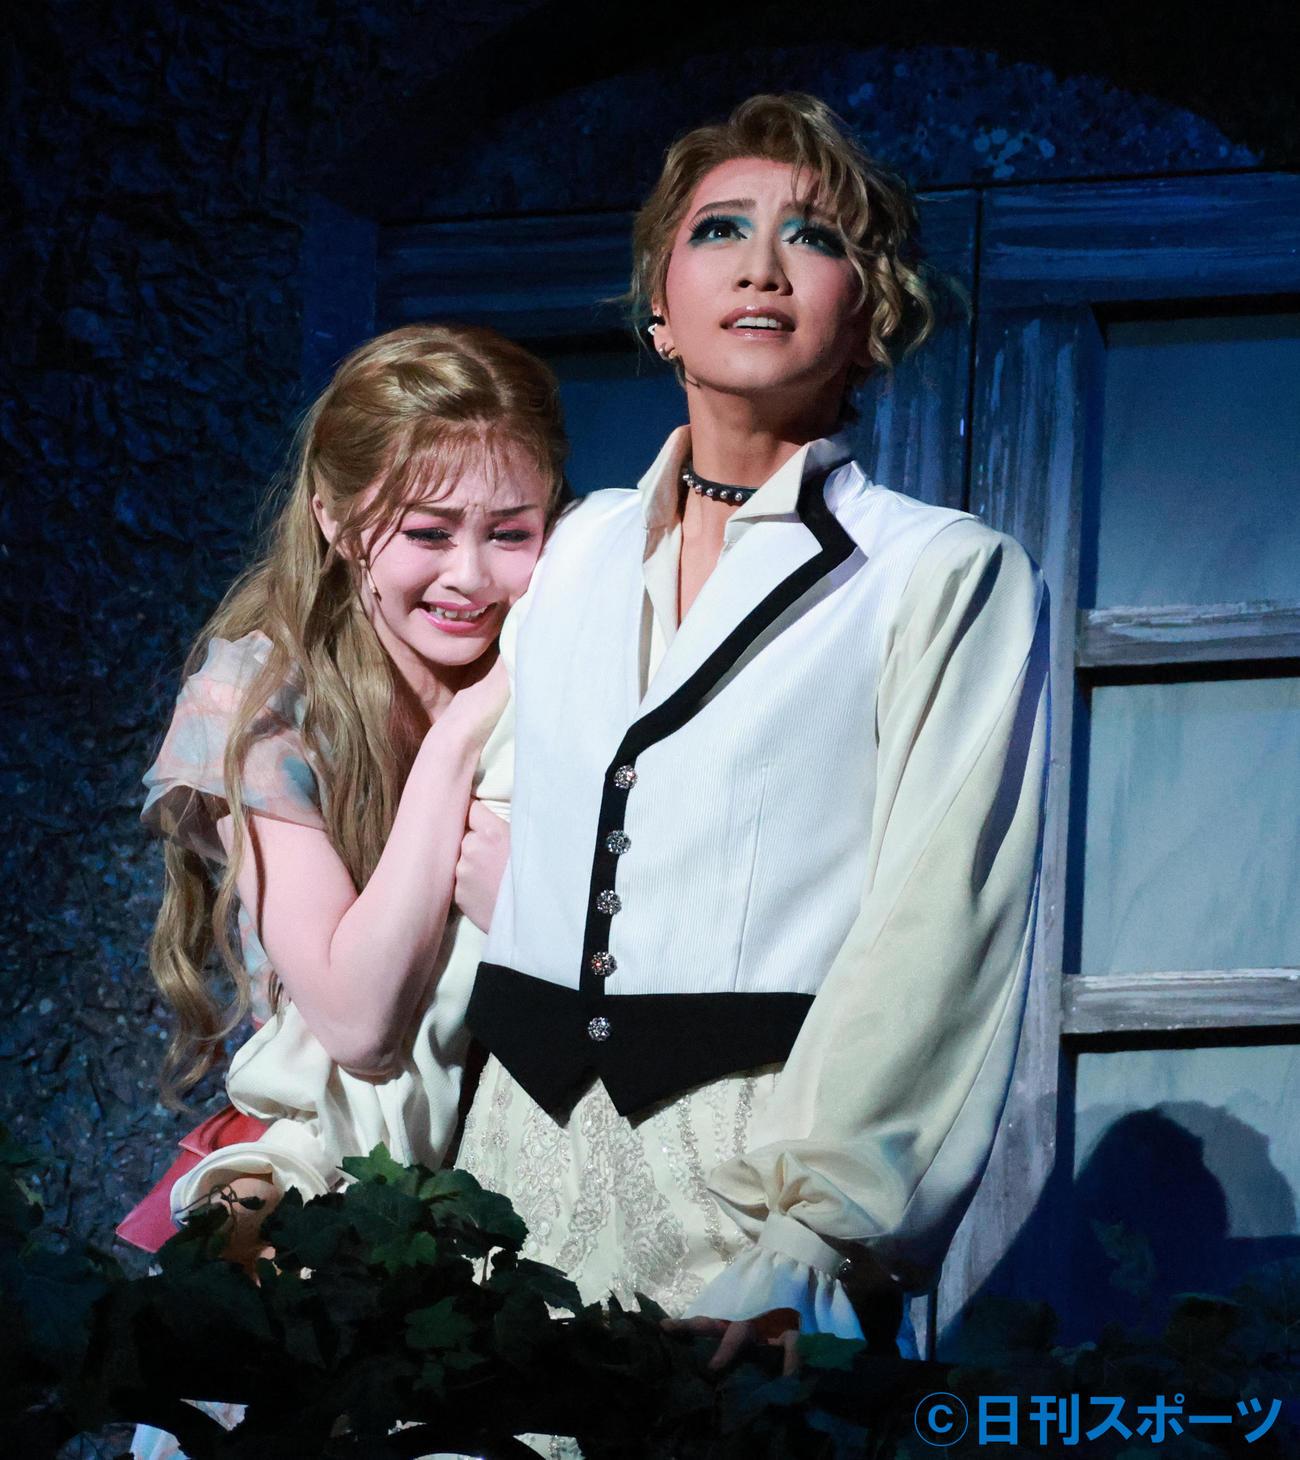 「ロミオとジュリエット」で熱演する礼真琴(右)と舞空瞳(撮影・中島郁夫)